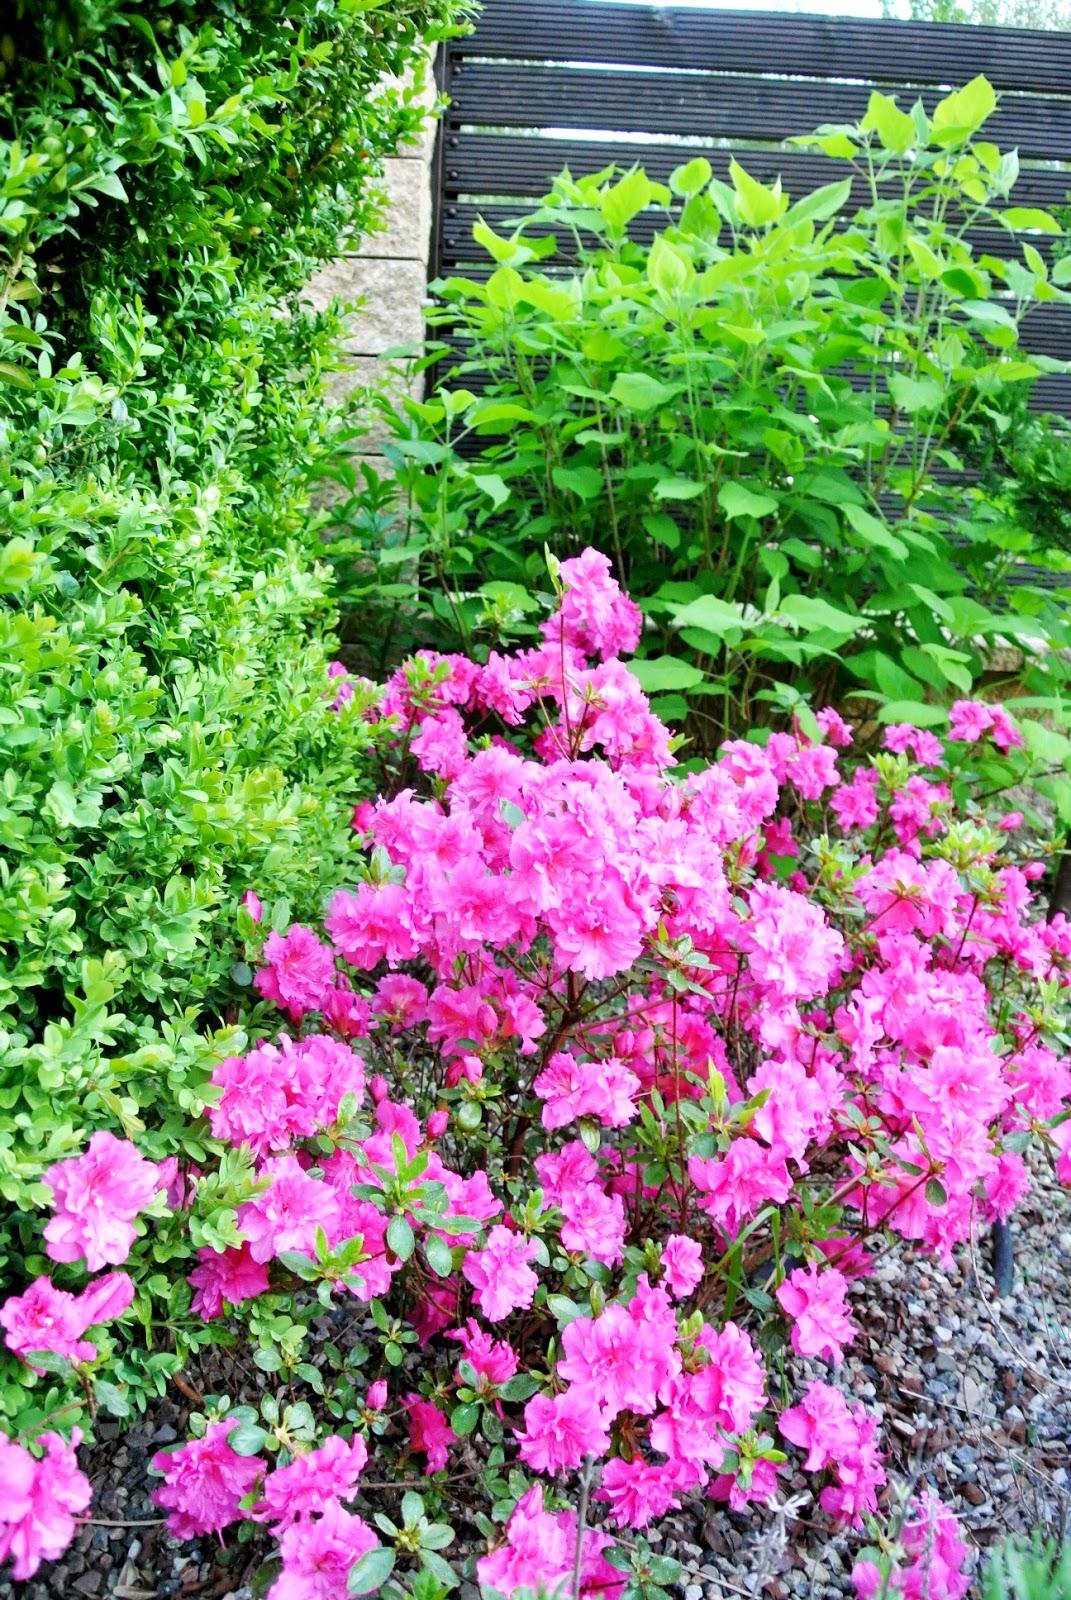 różowa azalia,azalie w ogrodzie,jakie azalie najlepsze,szkółka azalie,piękne azalie,różowe kwiatki w ogródku,ogródek przydomowy